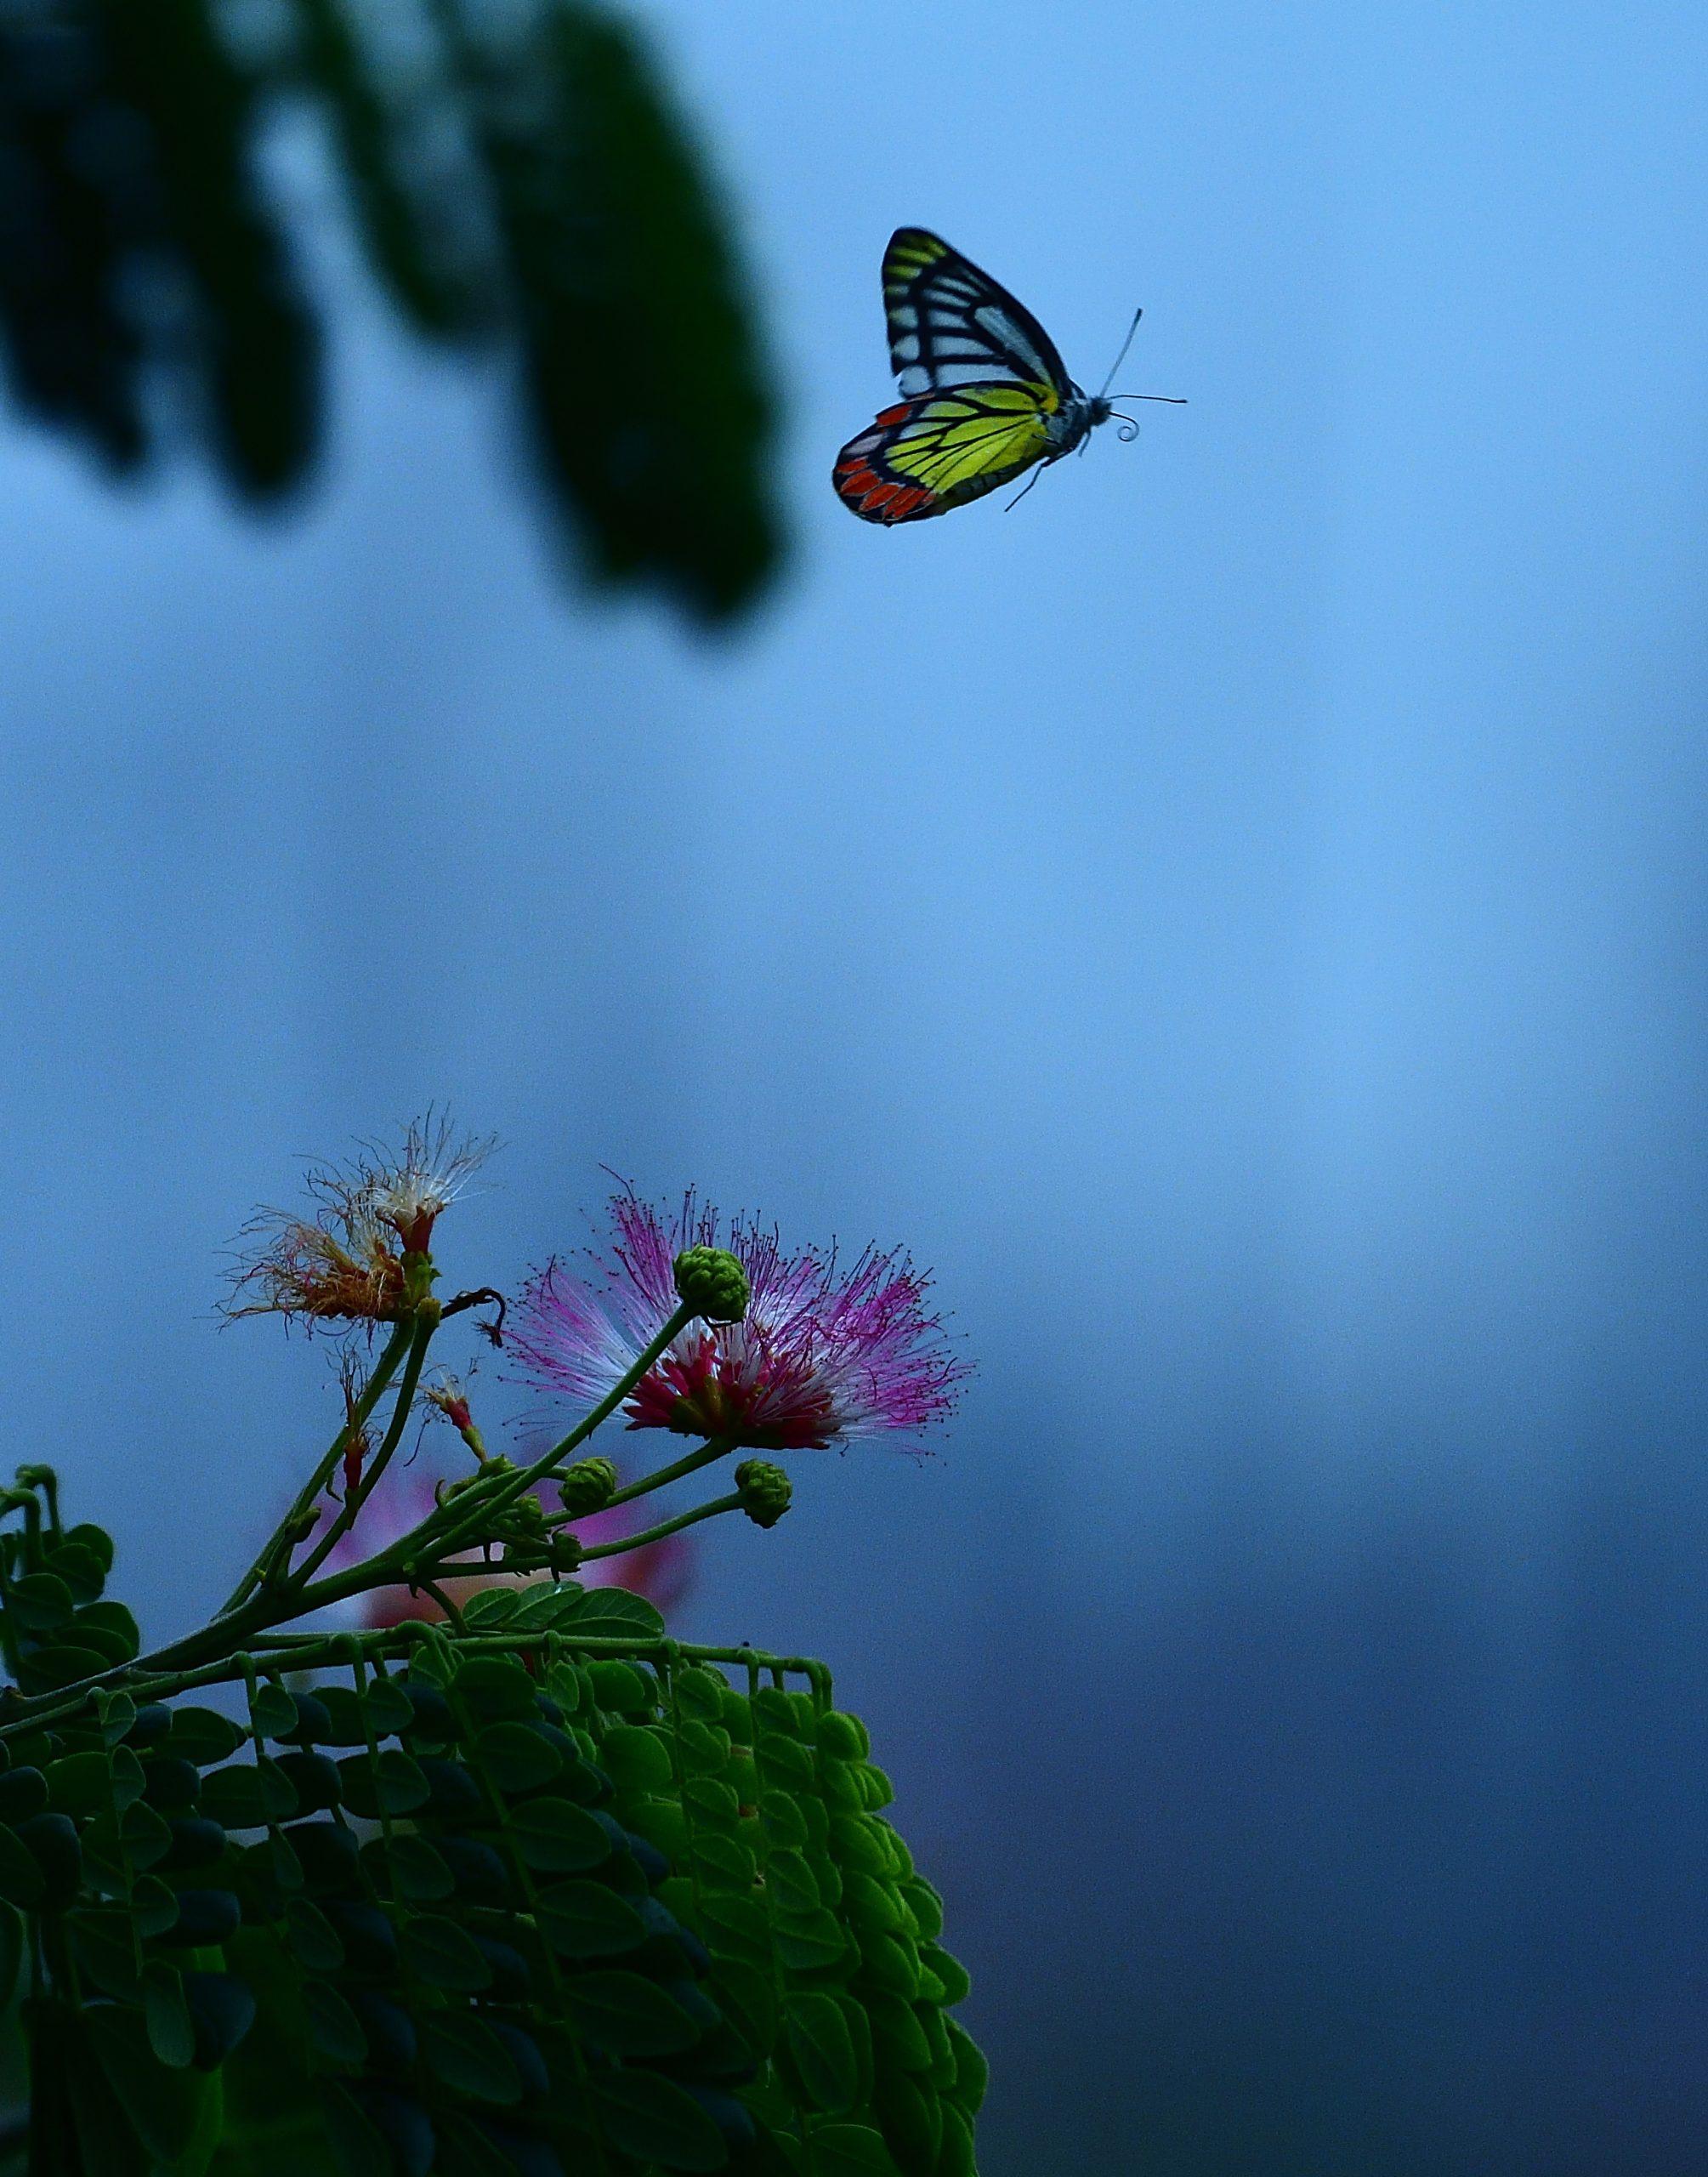 Butterfly on Flight